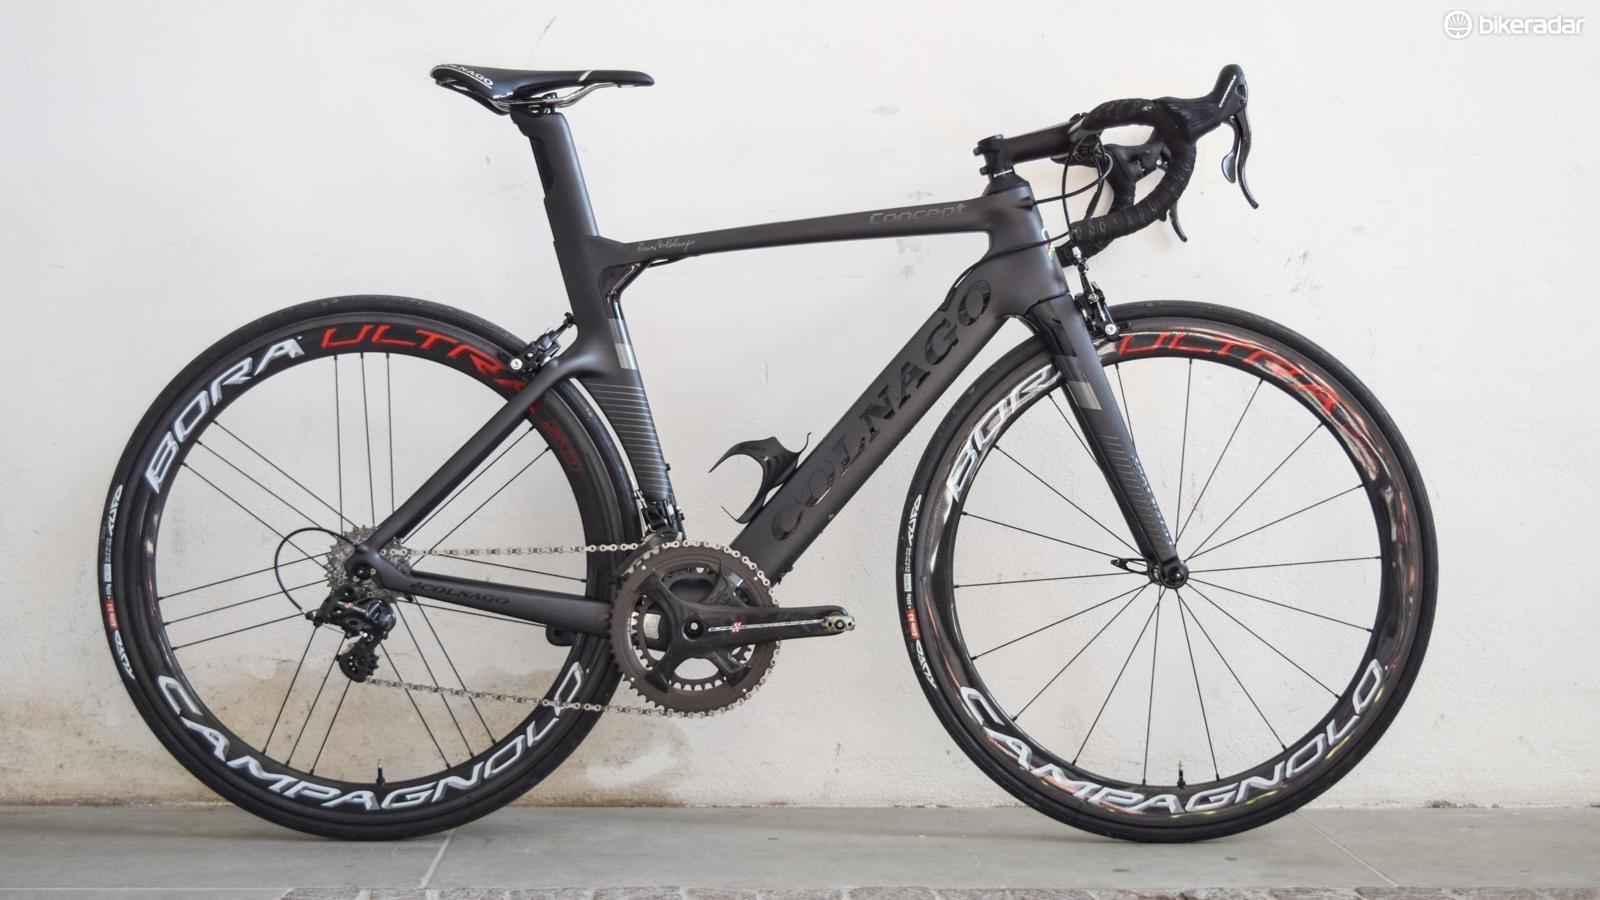 The new Colnago Concept aero bike